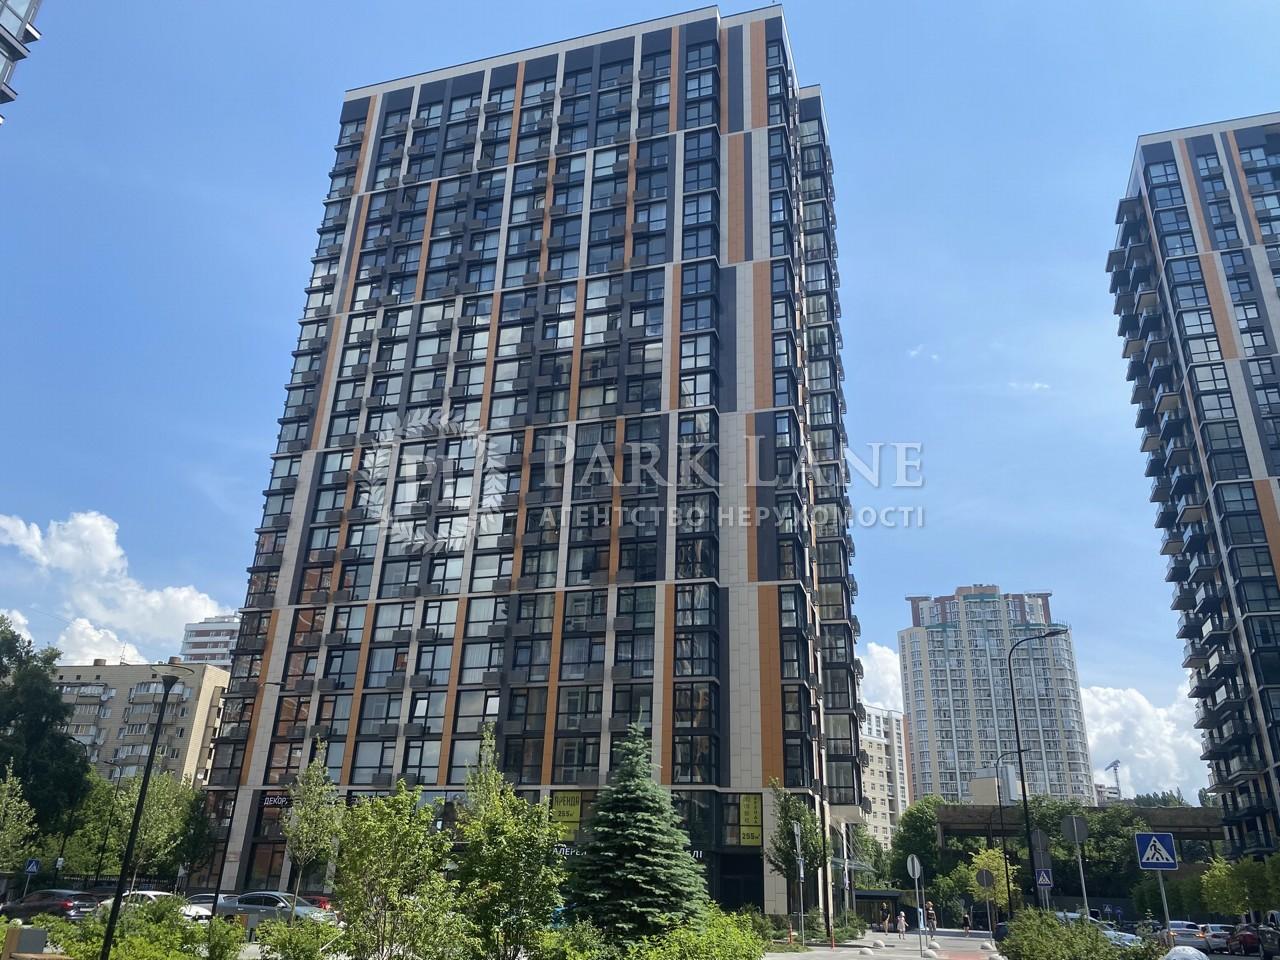 Квартира ул. Предславинская, 53, Киев, K-31399 - Фото 1